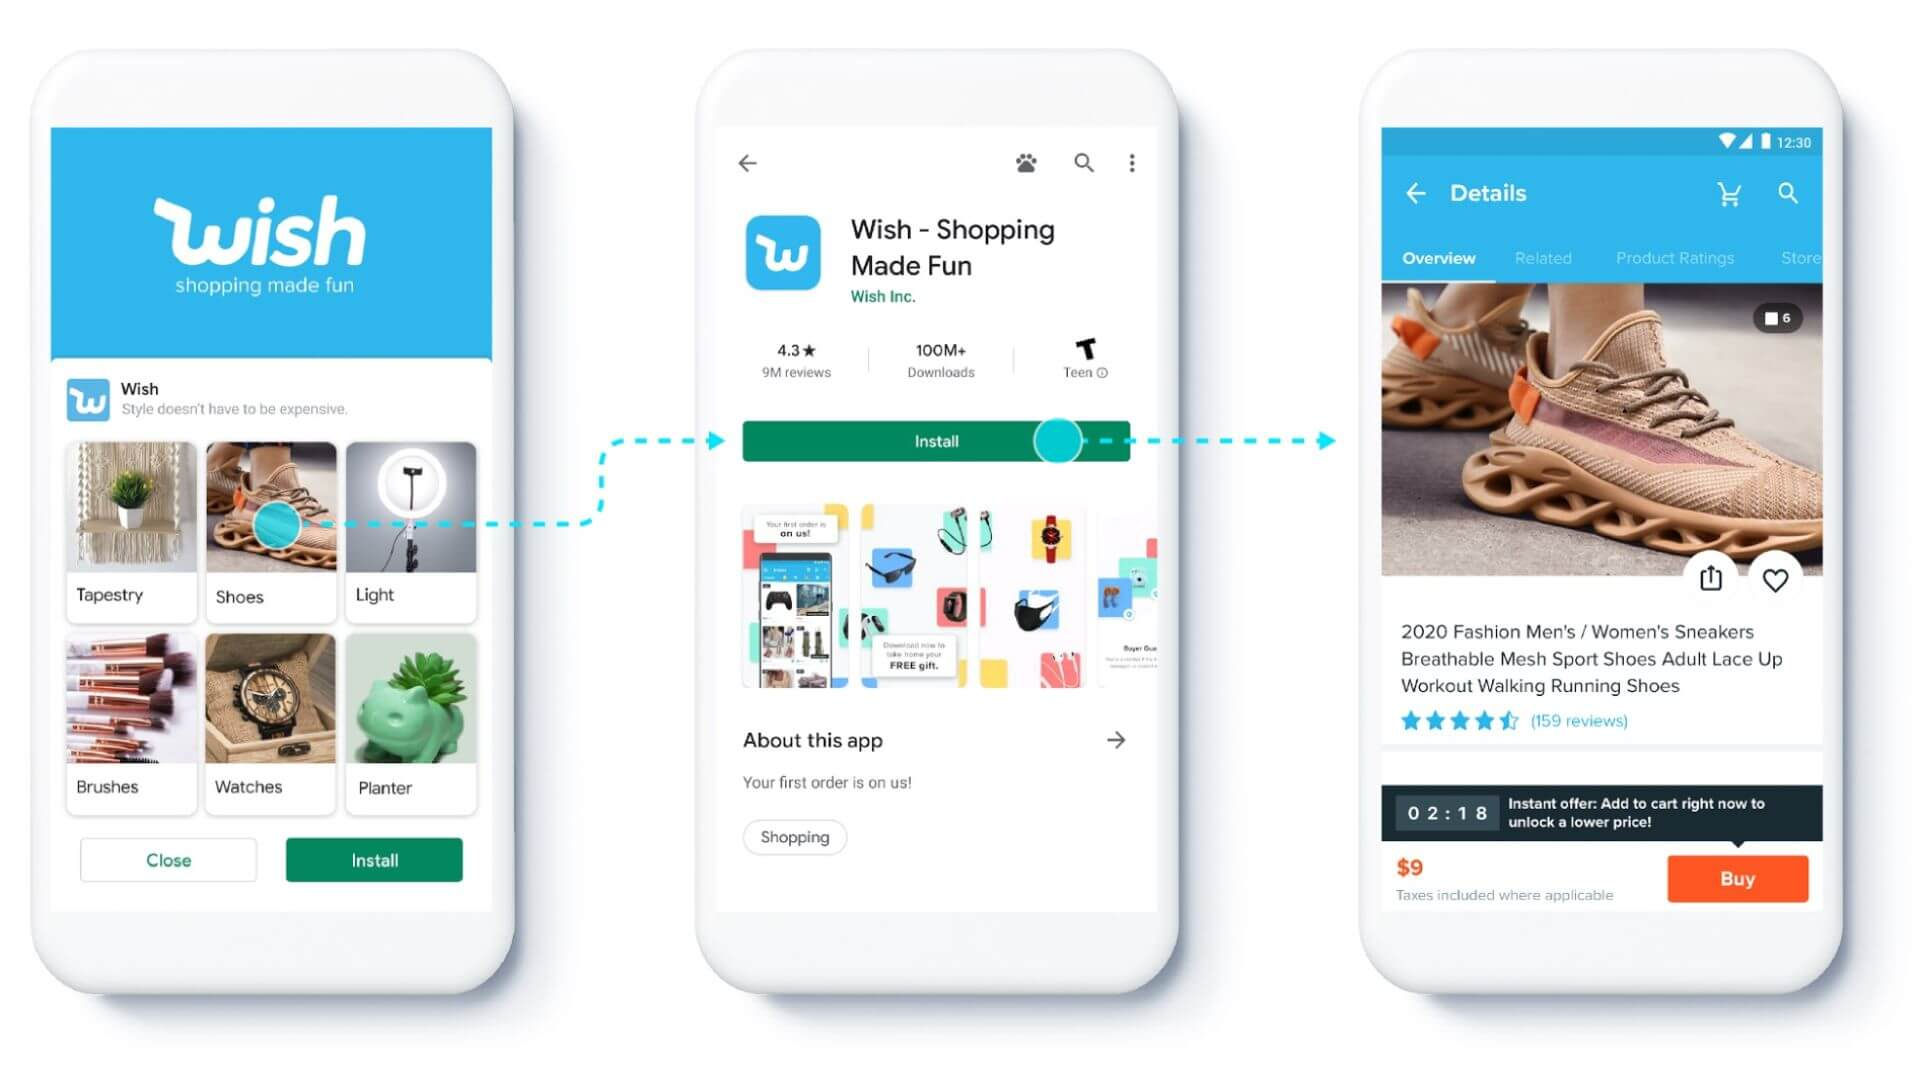 Google prueba feeds para campañas de instalación de aplicaciones, amplía los enlaces profundos y los informes